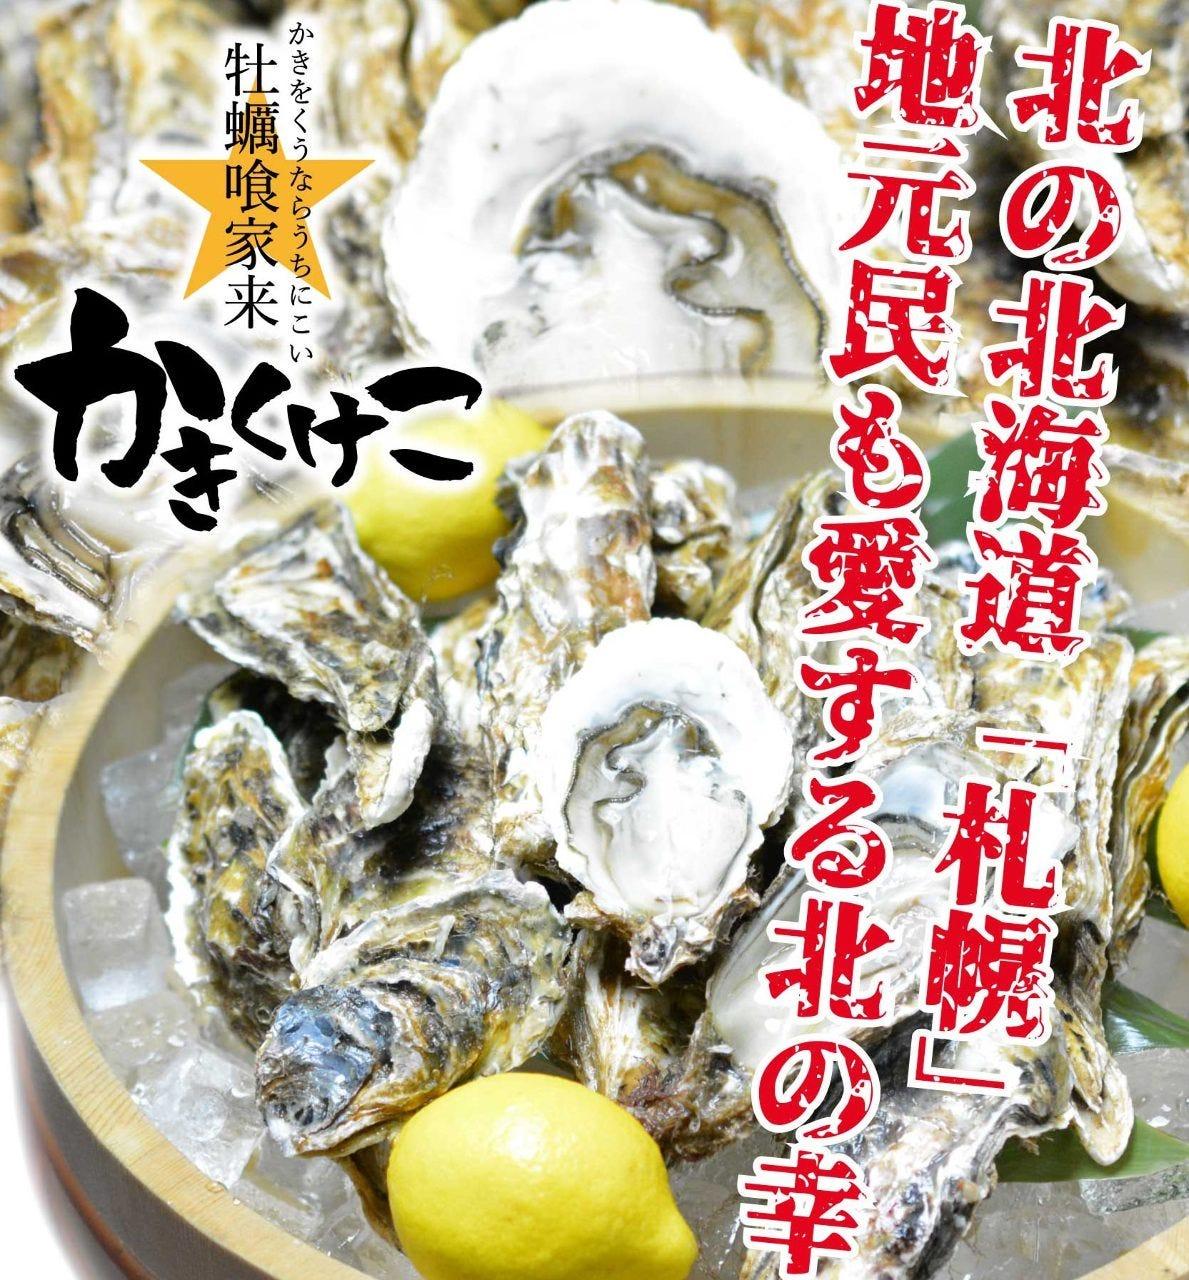 Kakiokunarauchinikoi Koshitsu Izakaya Kakikukeko 3 4ten